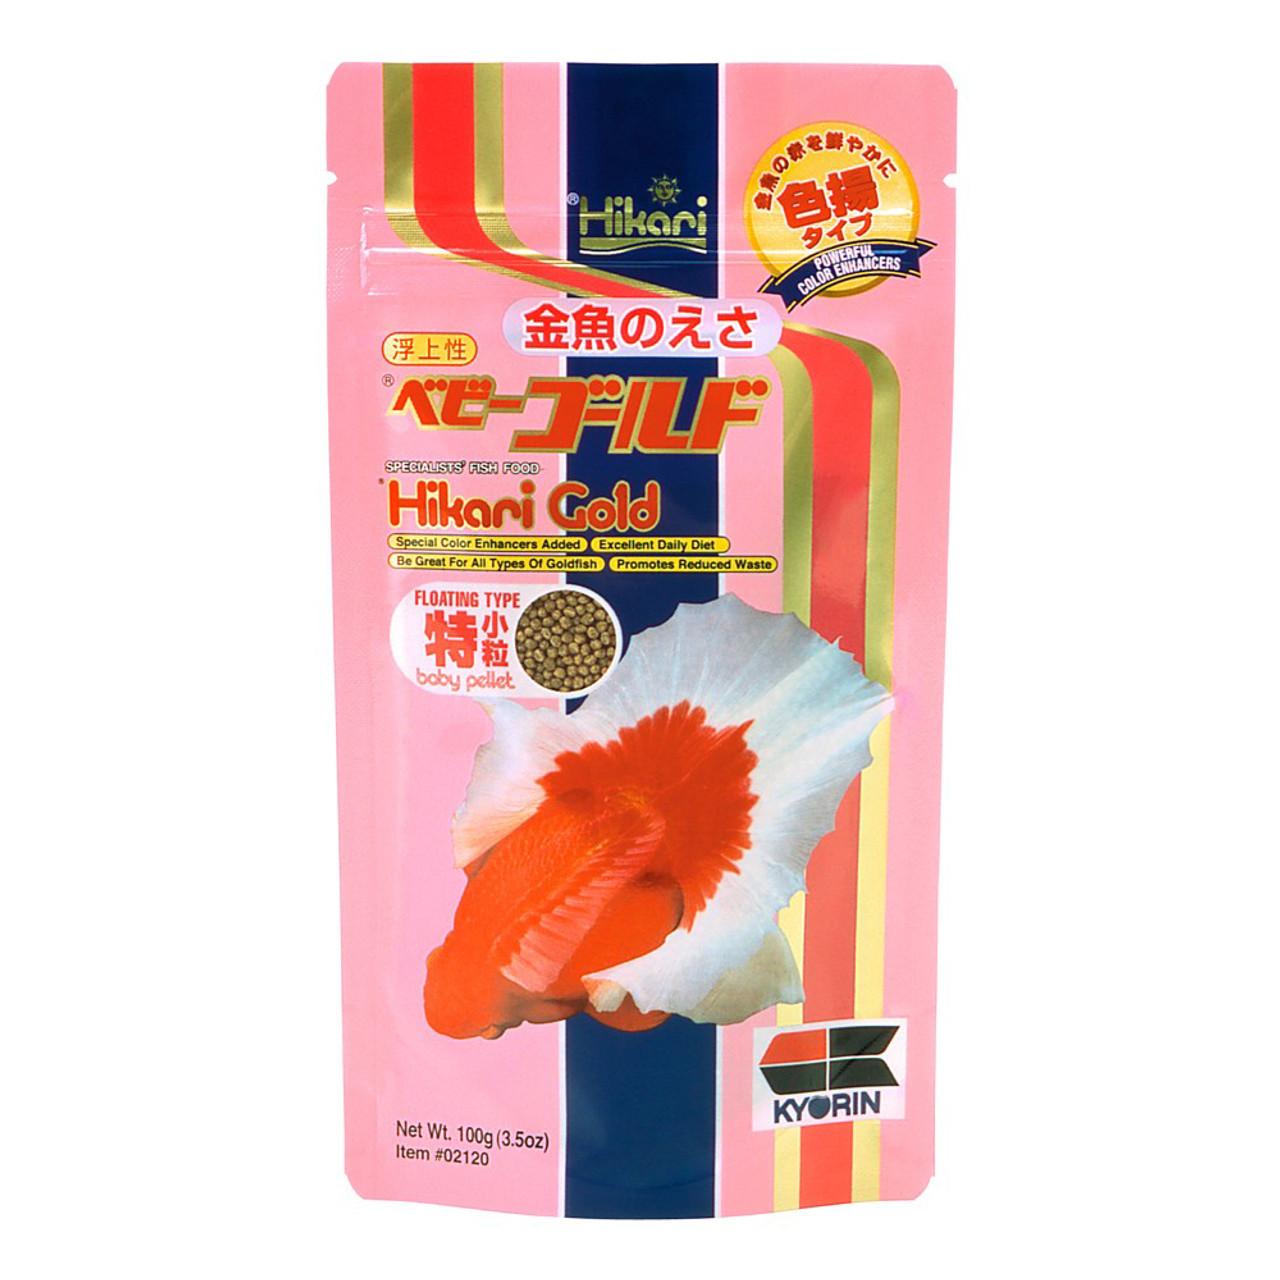 Hikari Goldfish Gold Baby Pellet Fish Food